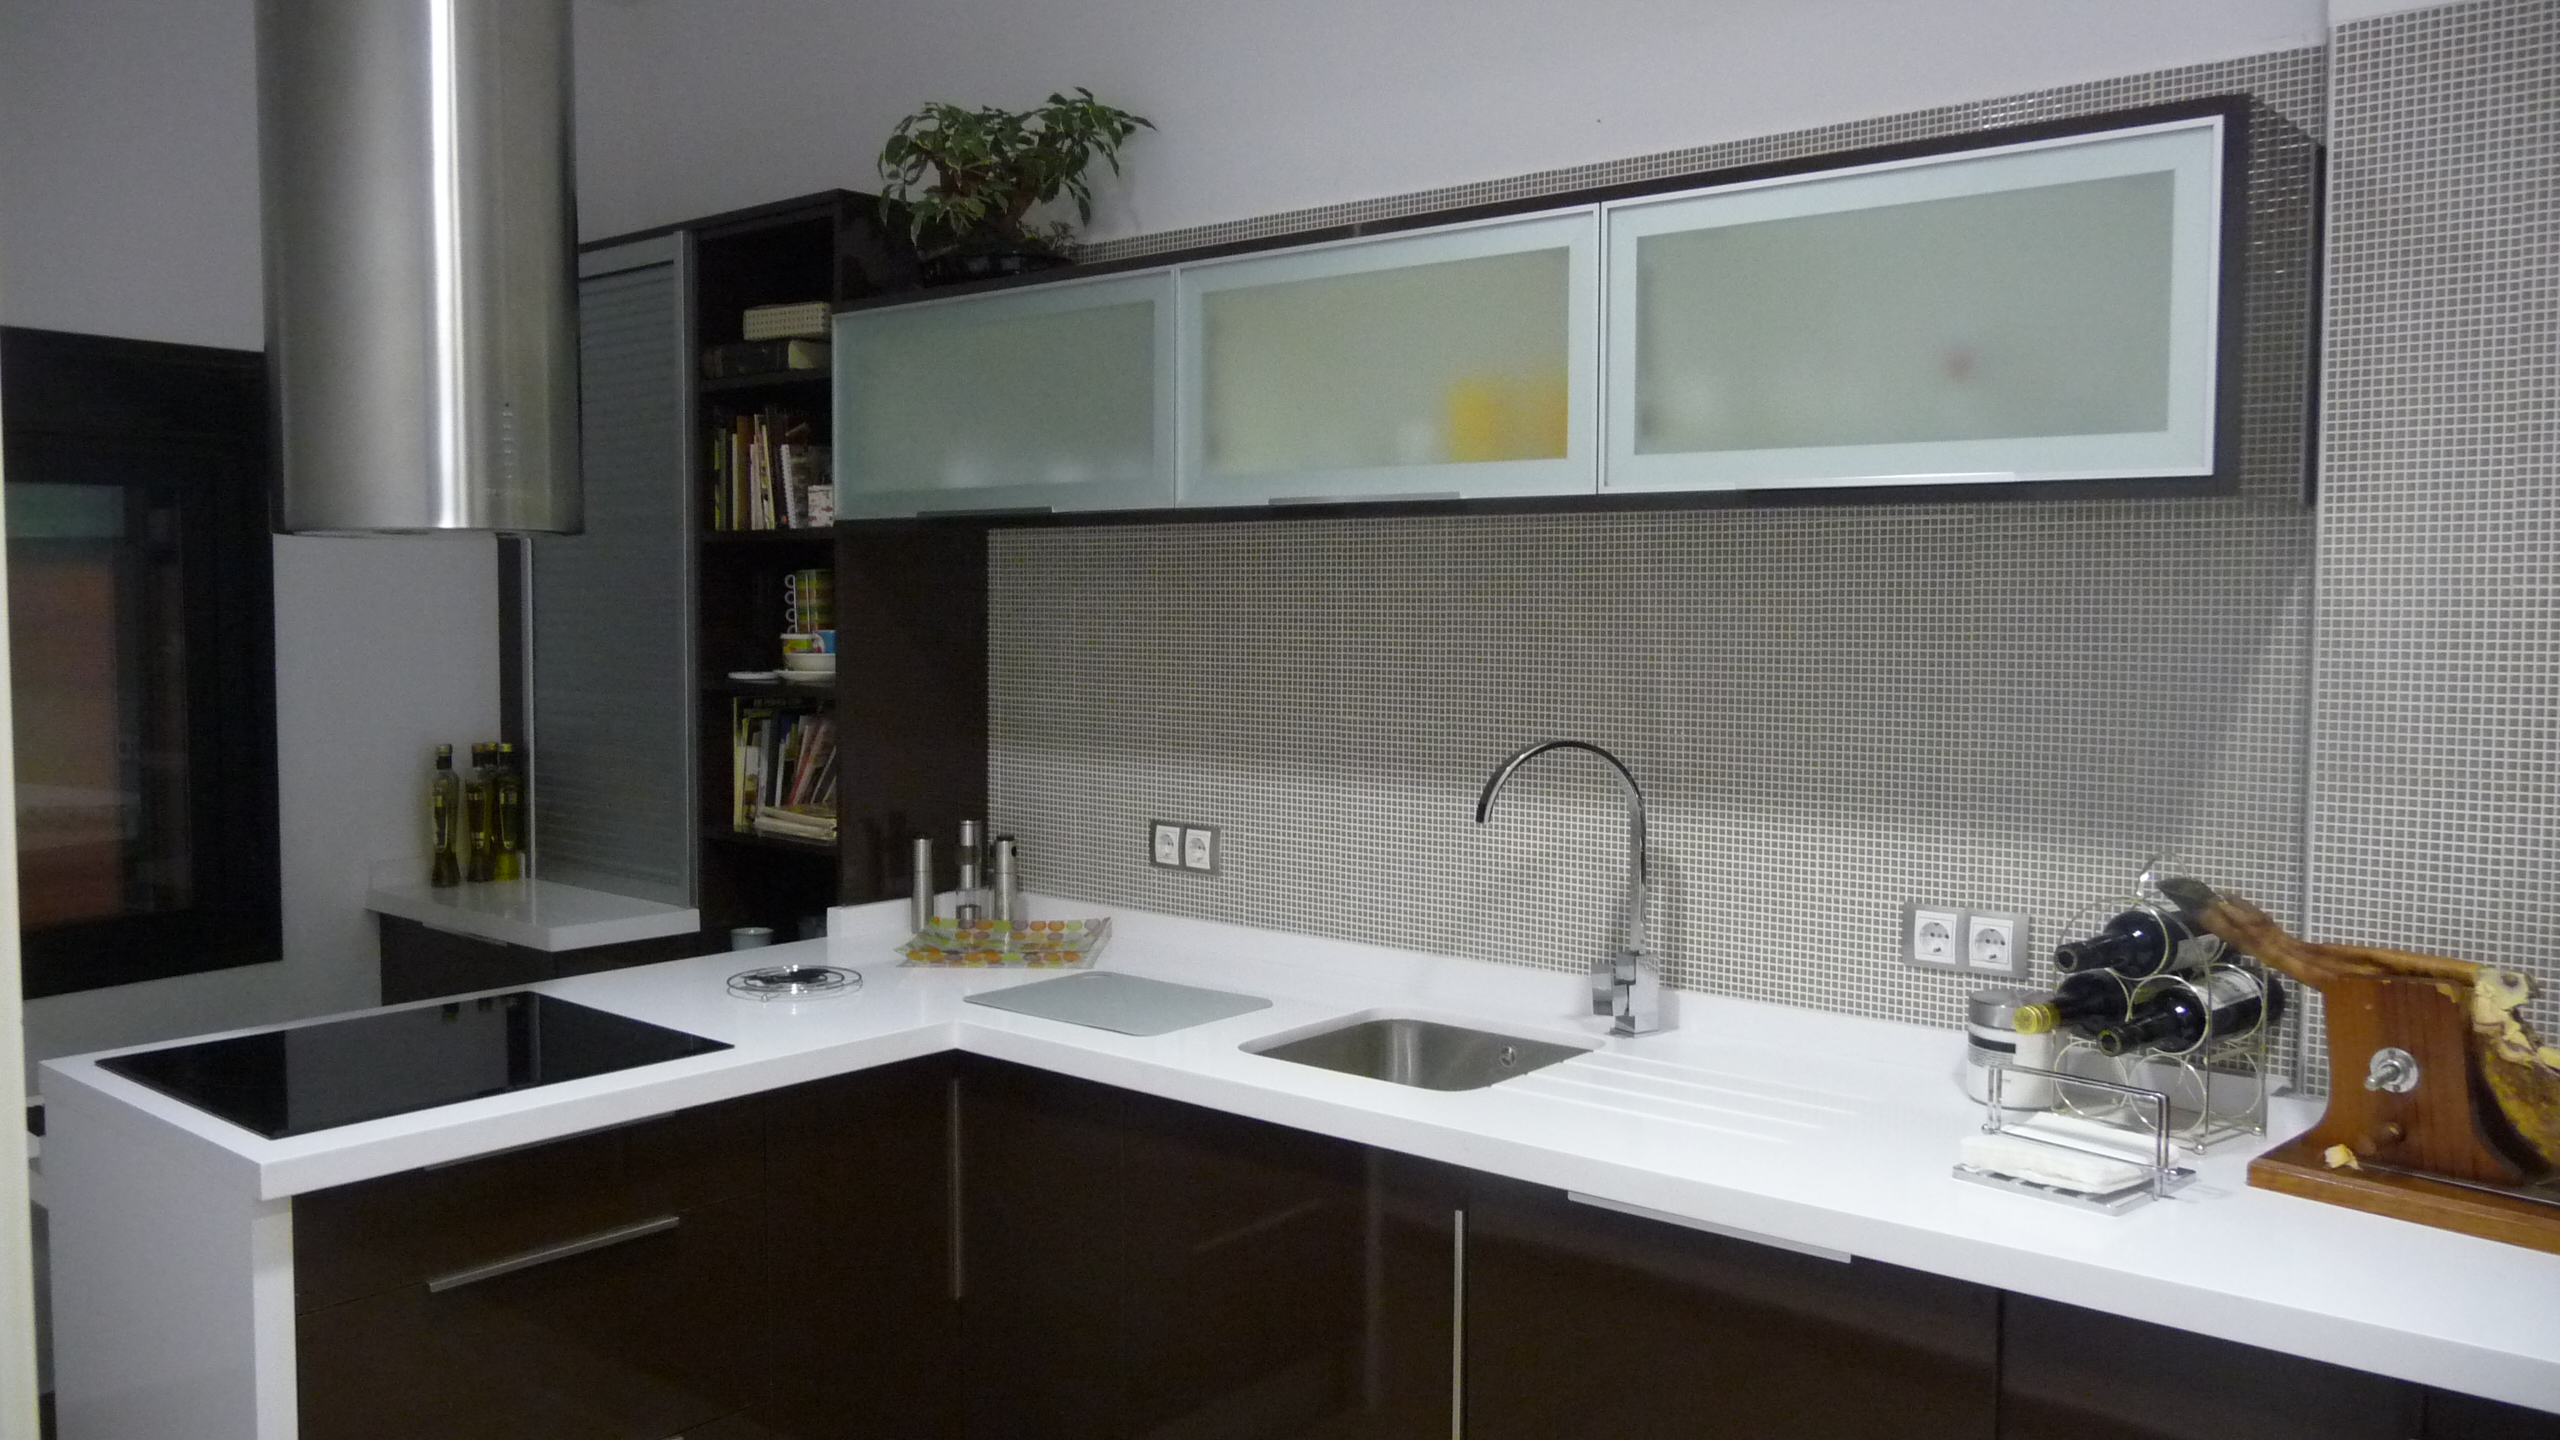 Cocinas Con Campana Decorativa Good Decorativas Se Anclan A La  # Muebles De Cocina Pixys